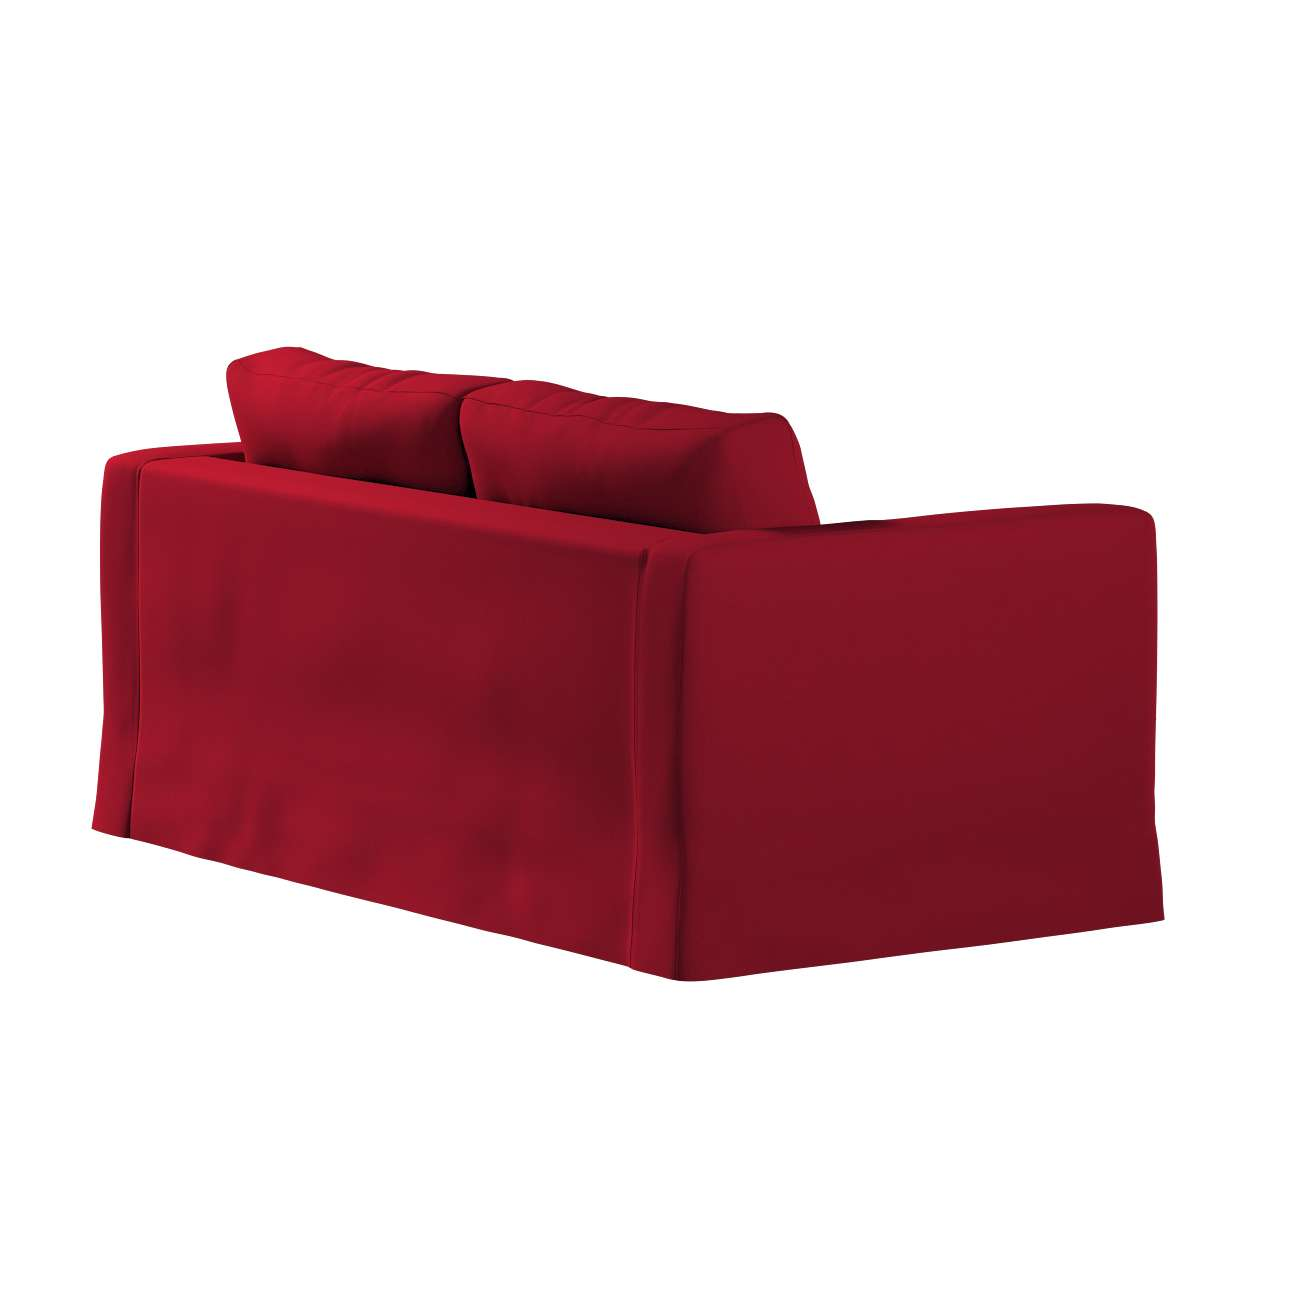 Pokrowiec na sofę Karlstad 2-osobową nierozkładaną długi w kolekcji Etna, tkanina: 705-60